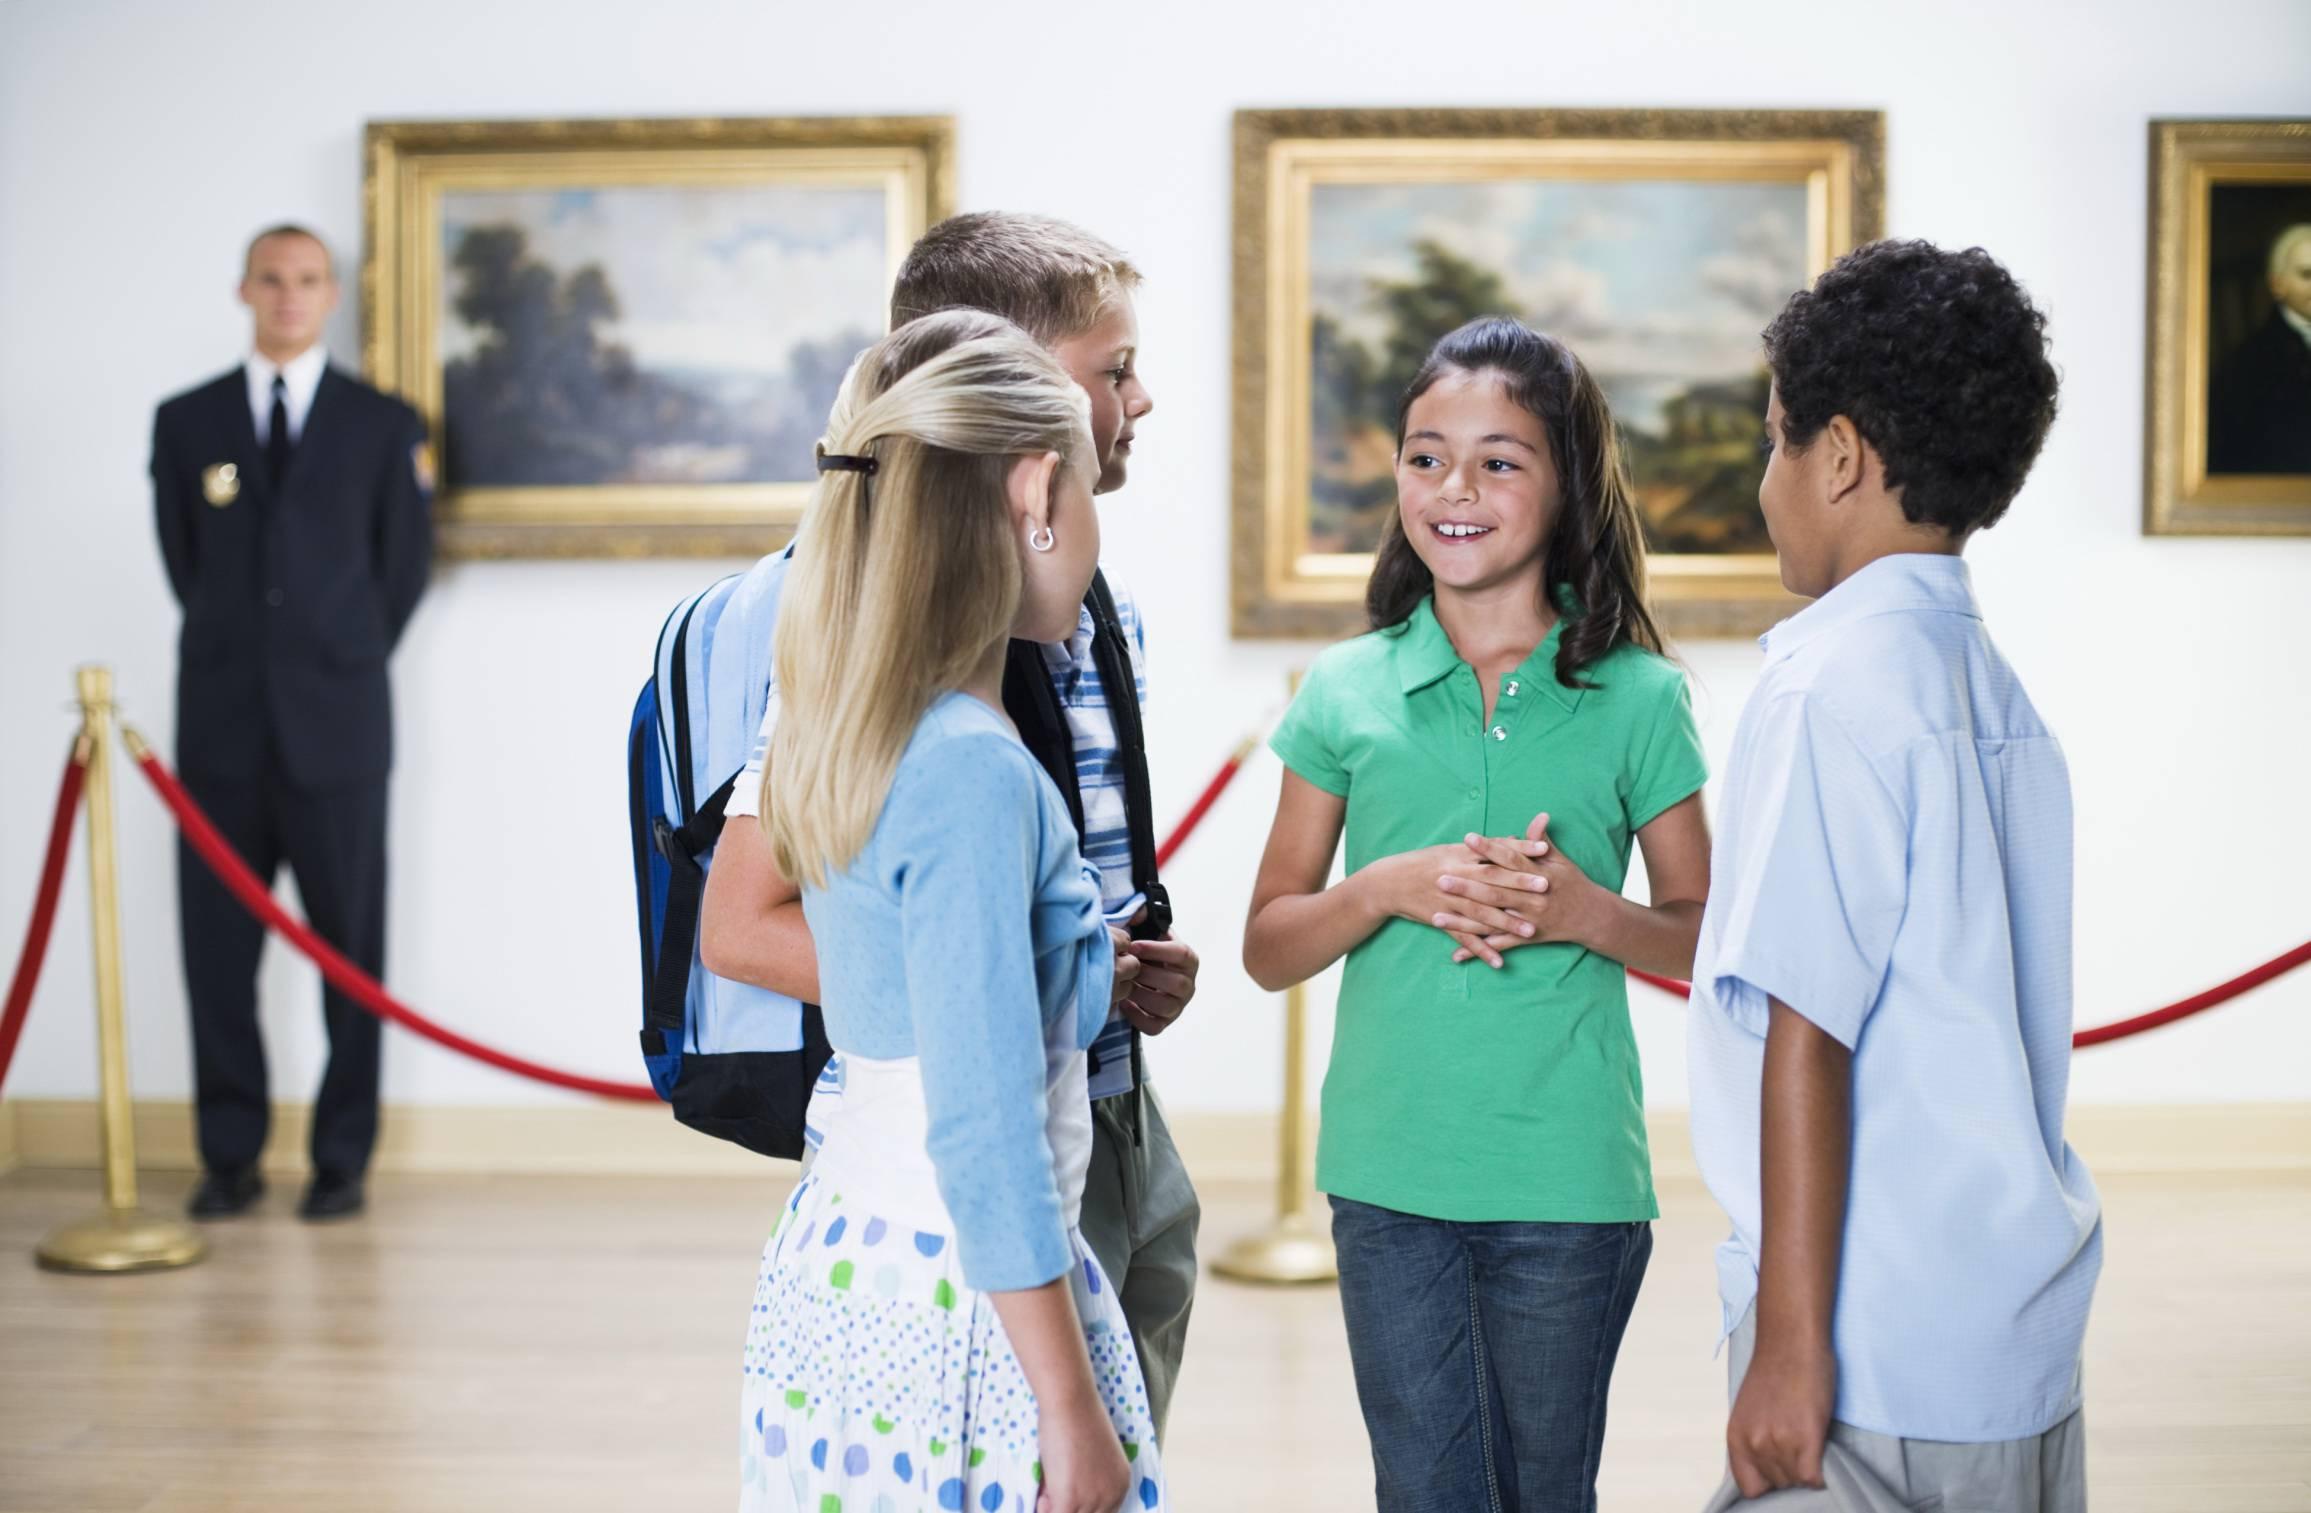 Musei a misura di bimbo: un buon modo per educarli al piacere della scoperta